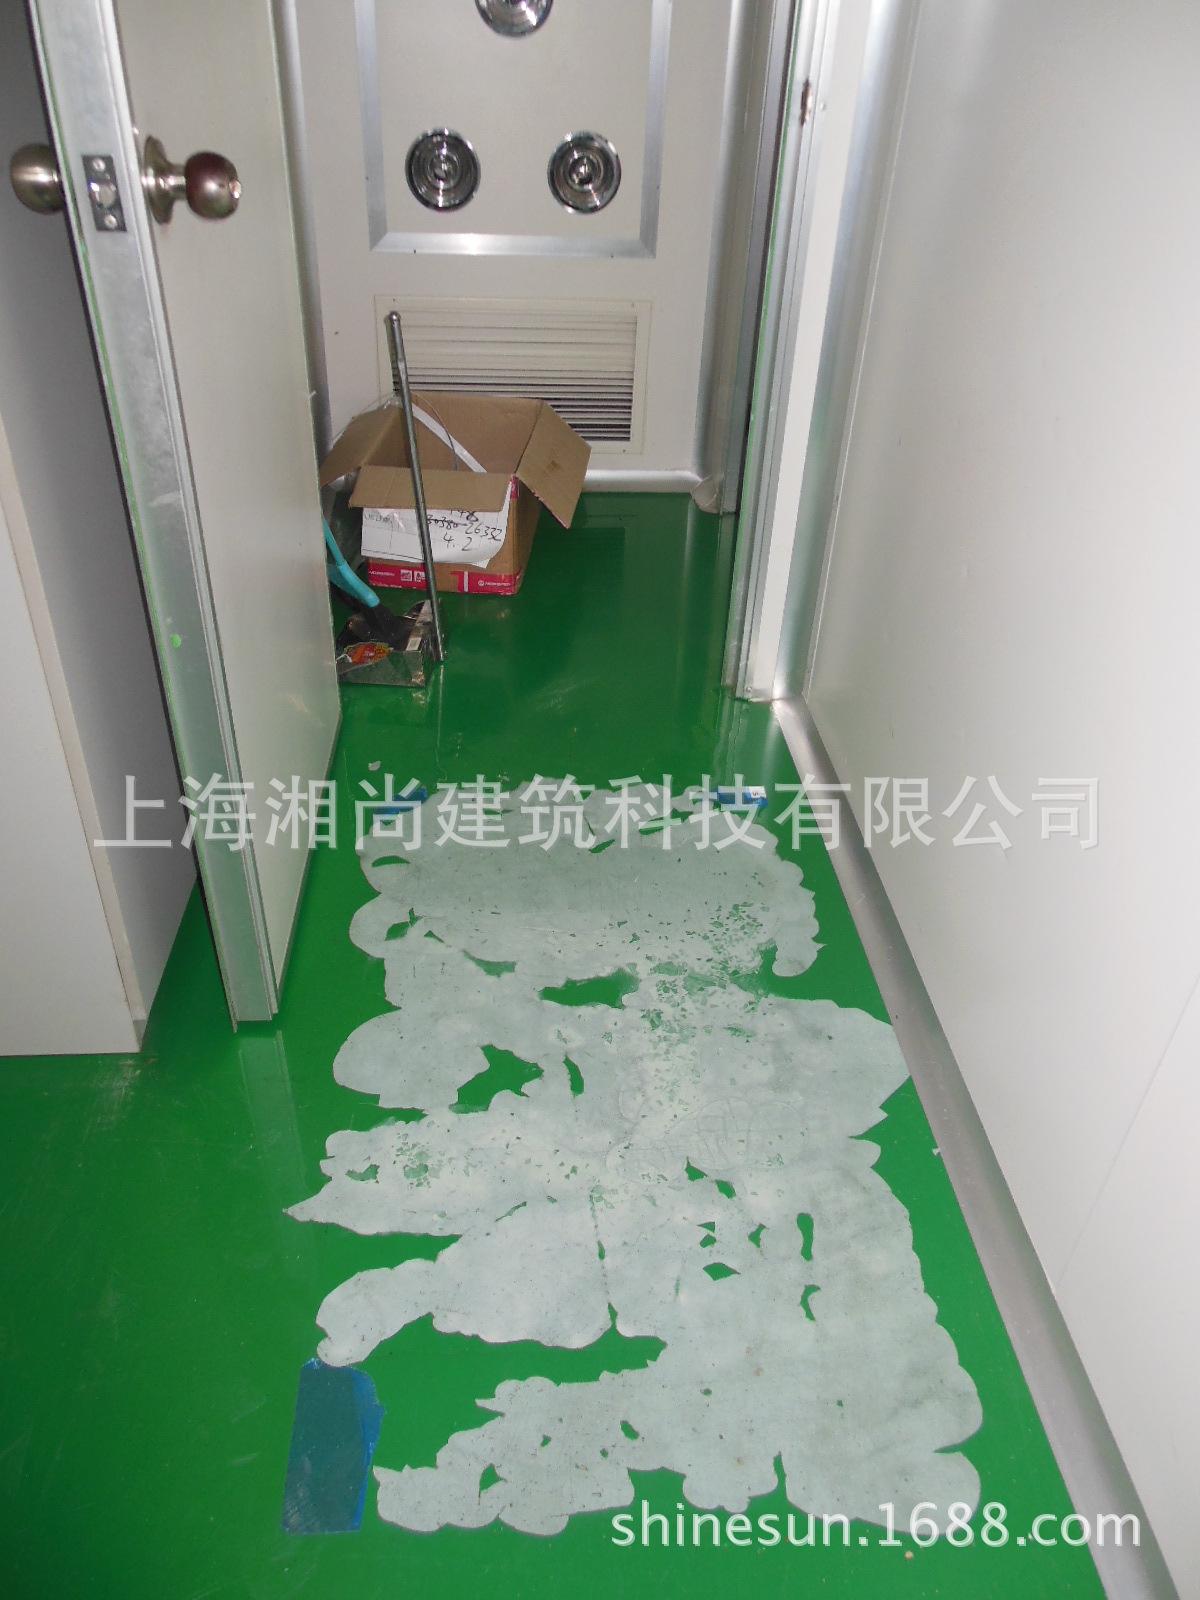 1。IMI诺冠洁净室施工人工铲除破损起壳旧环氧地坪